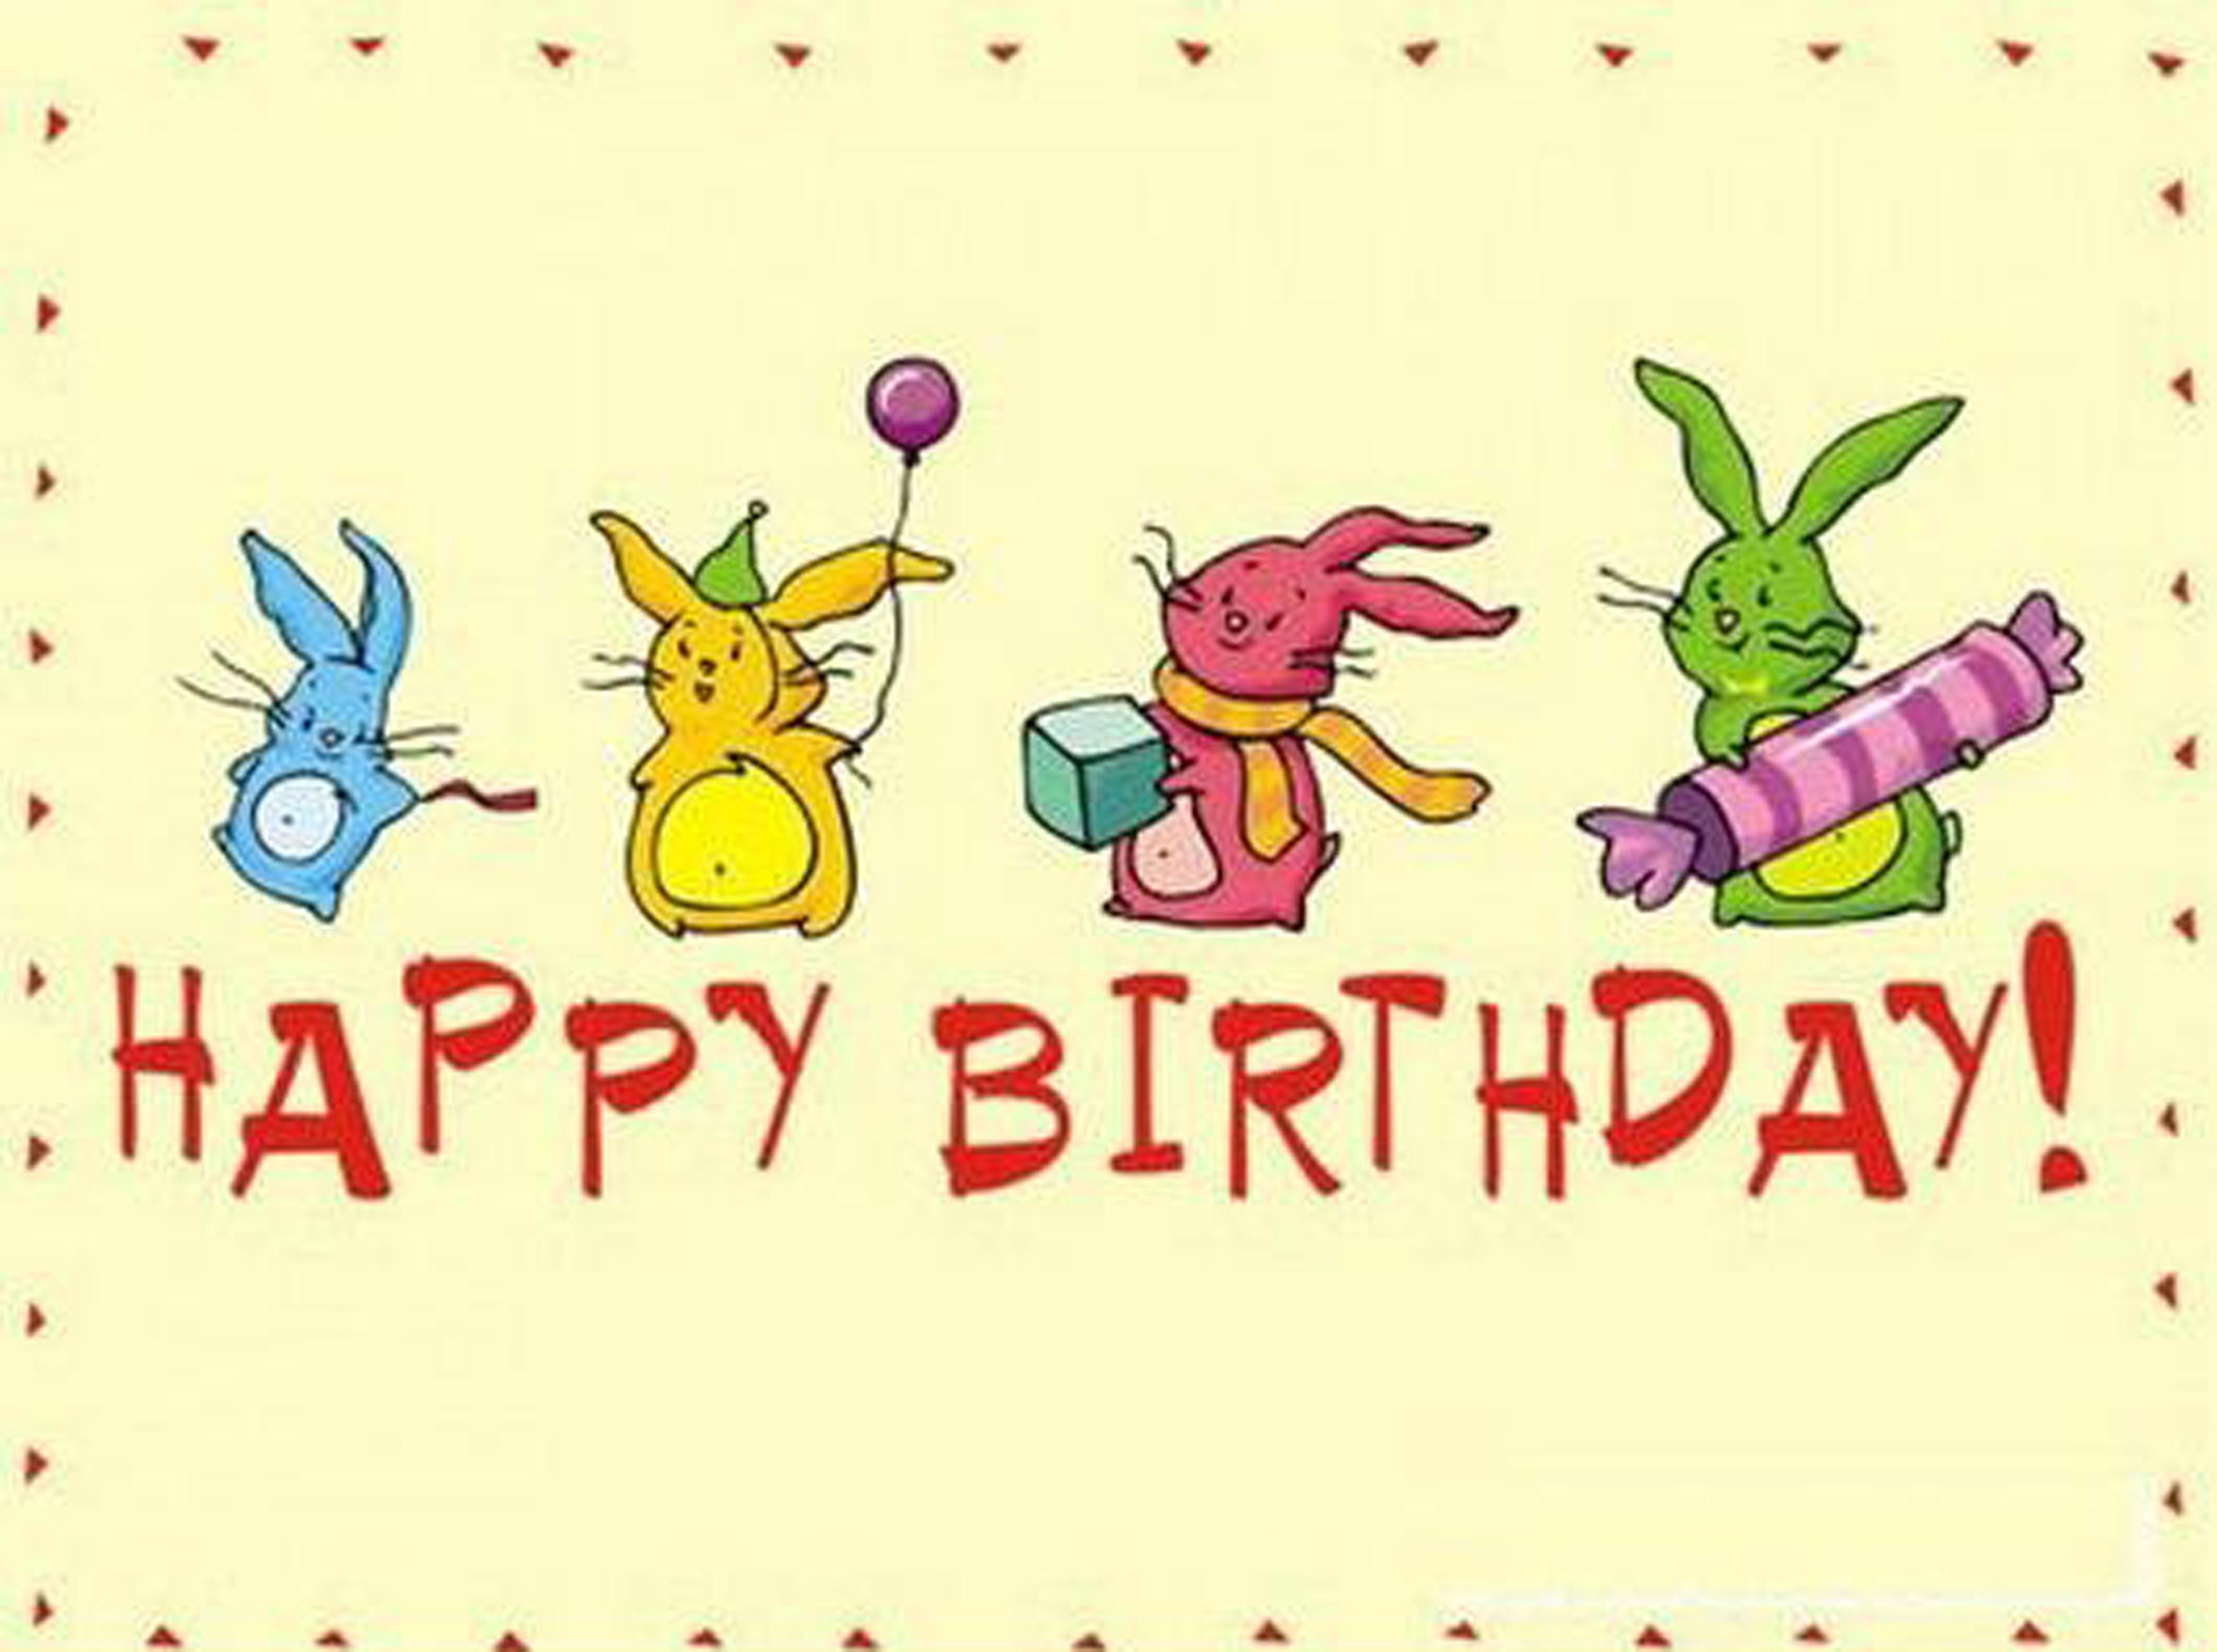 Плакат поздравление с днем рождения распечатать фото 955